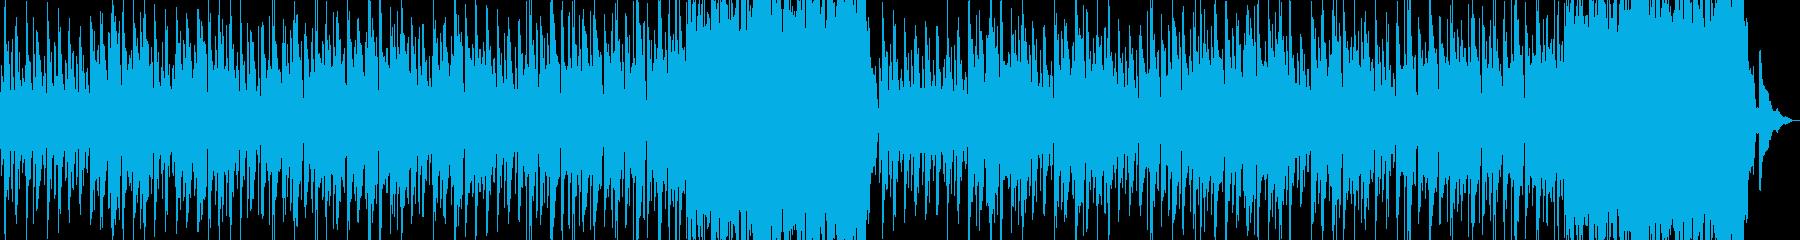 神秘的/幻想的/綺麗/ピアノ/ゲームの再生済みの波形